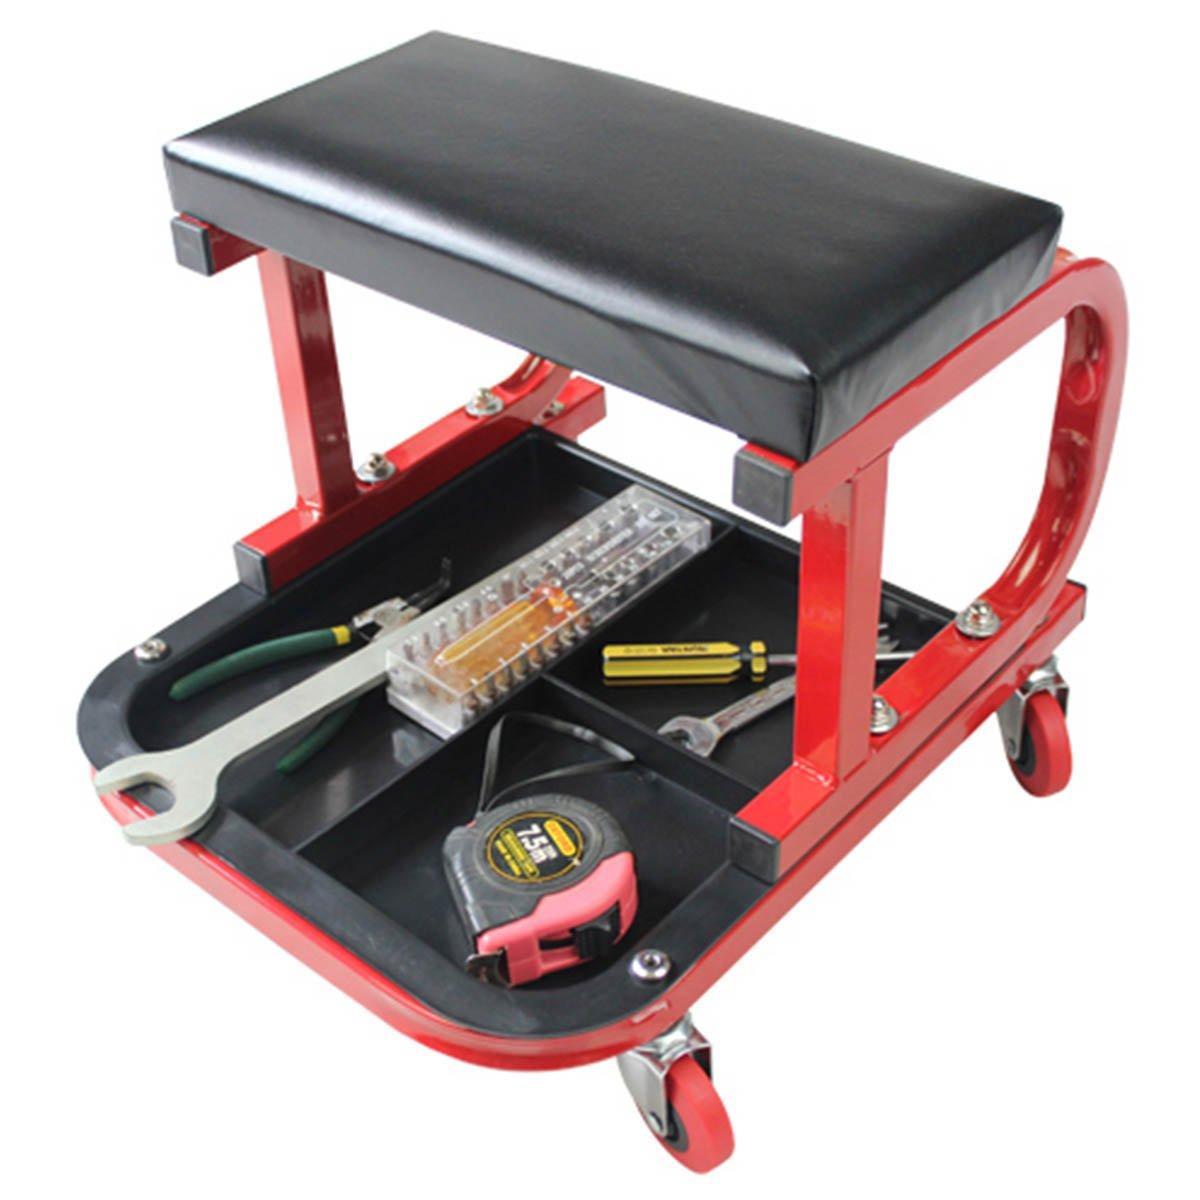 Ctool Mechanics Trolley Z Creeper Seat